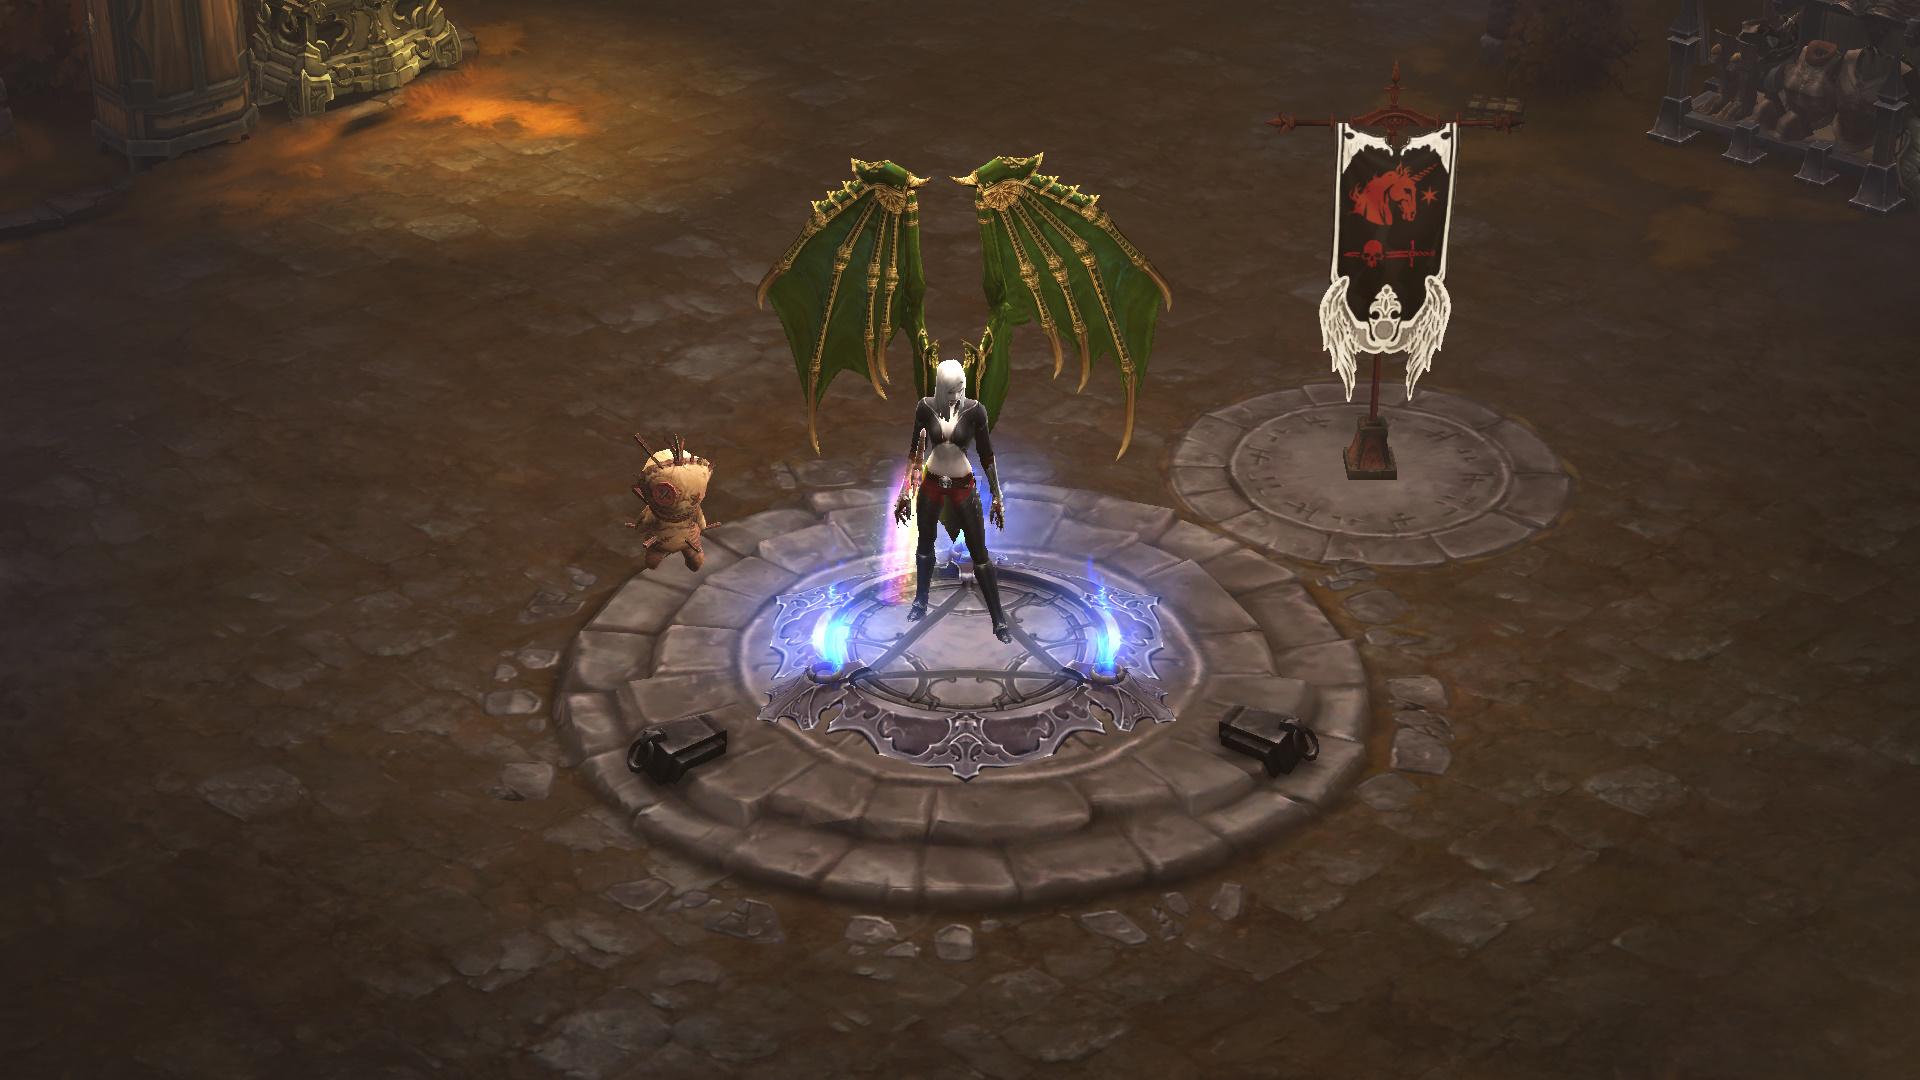 Diablo III64 2019-08-05 16-56-26-255.jpg